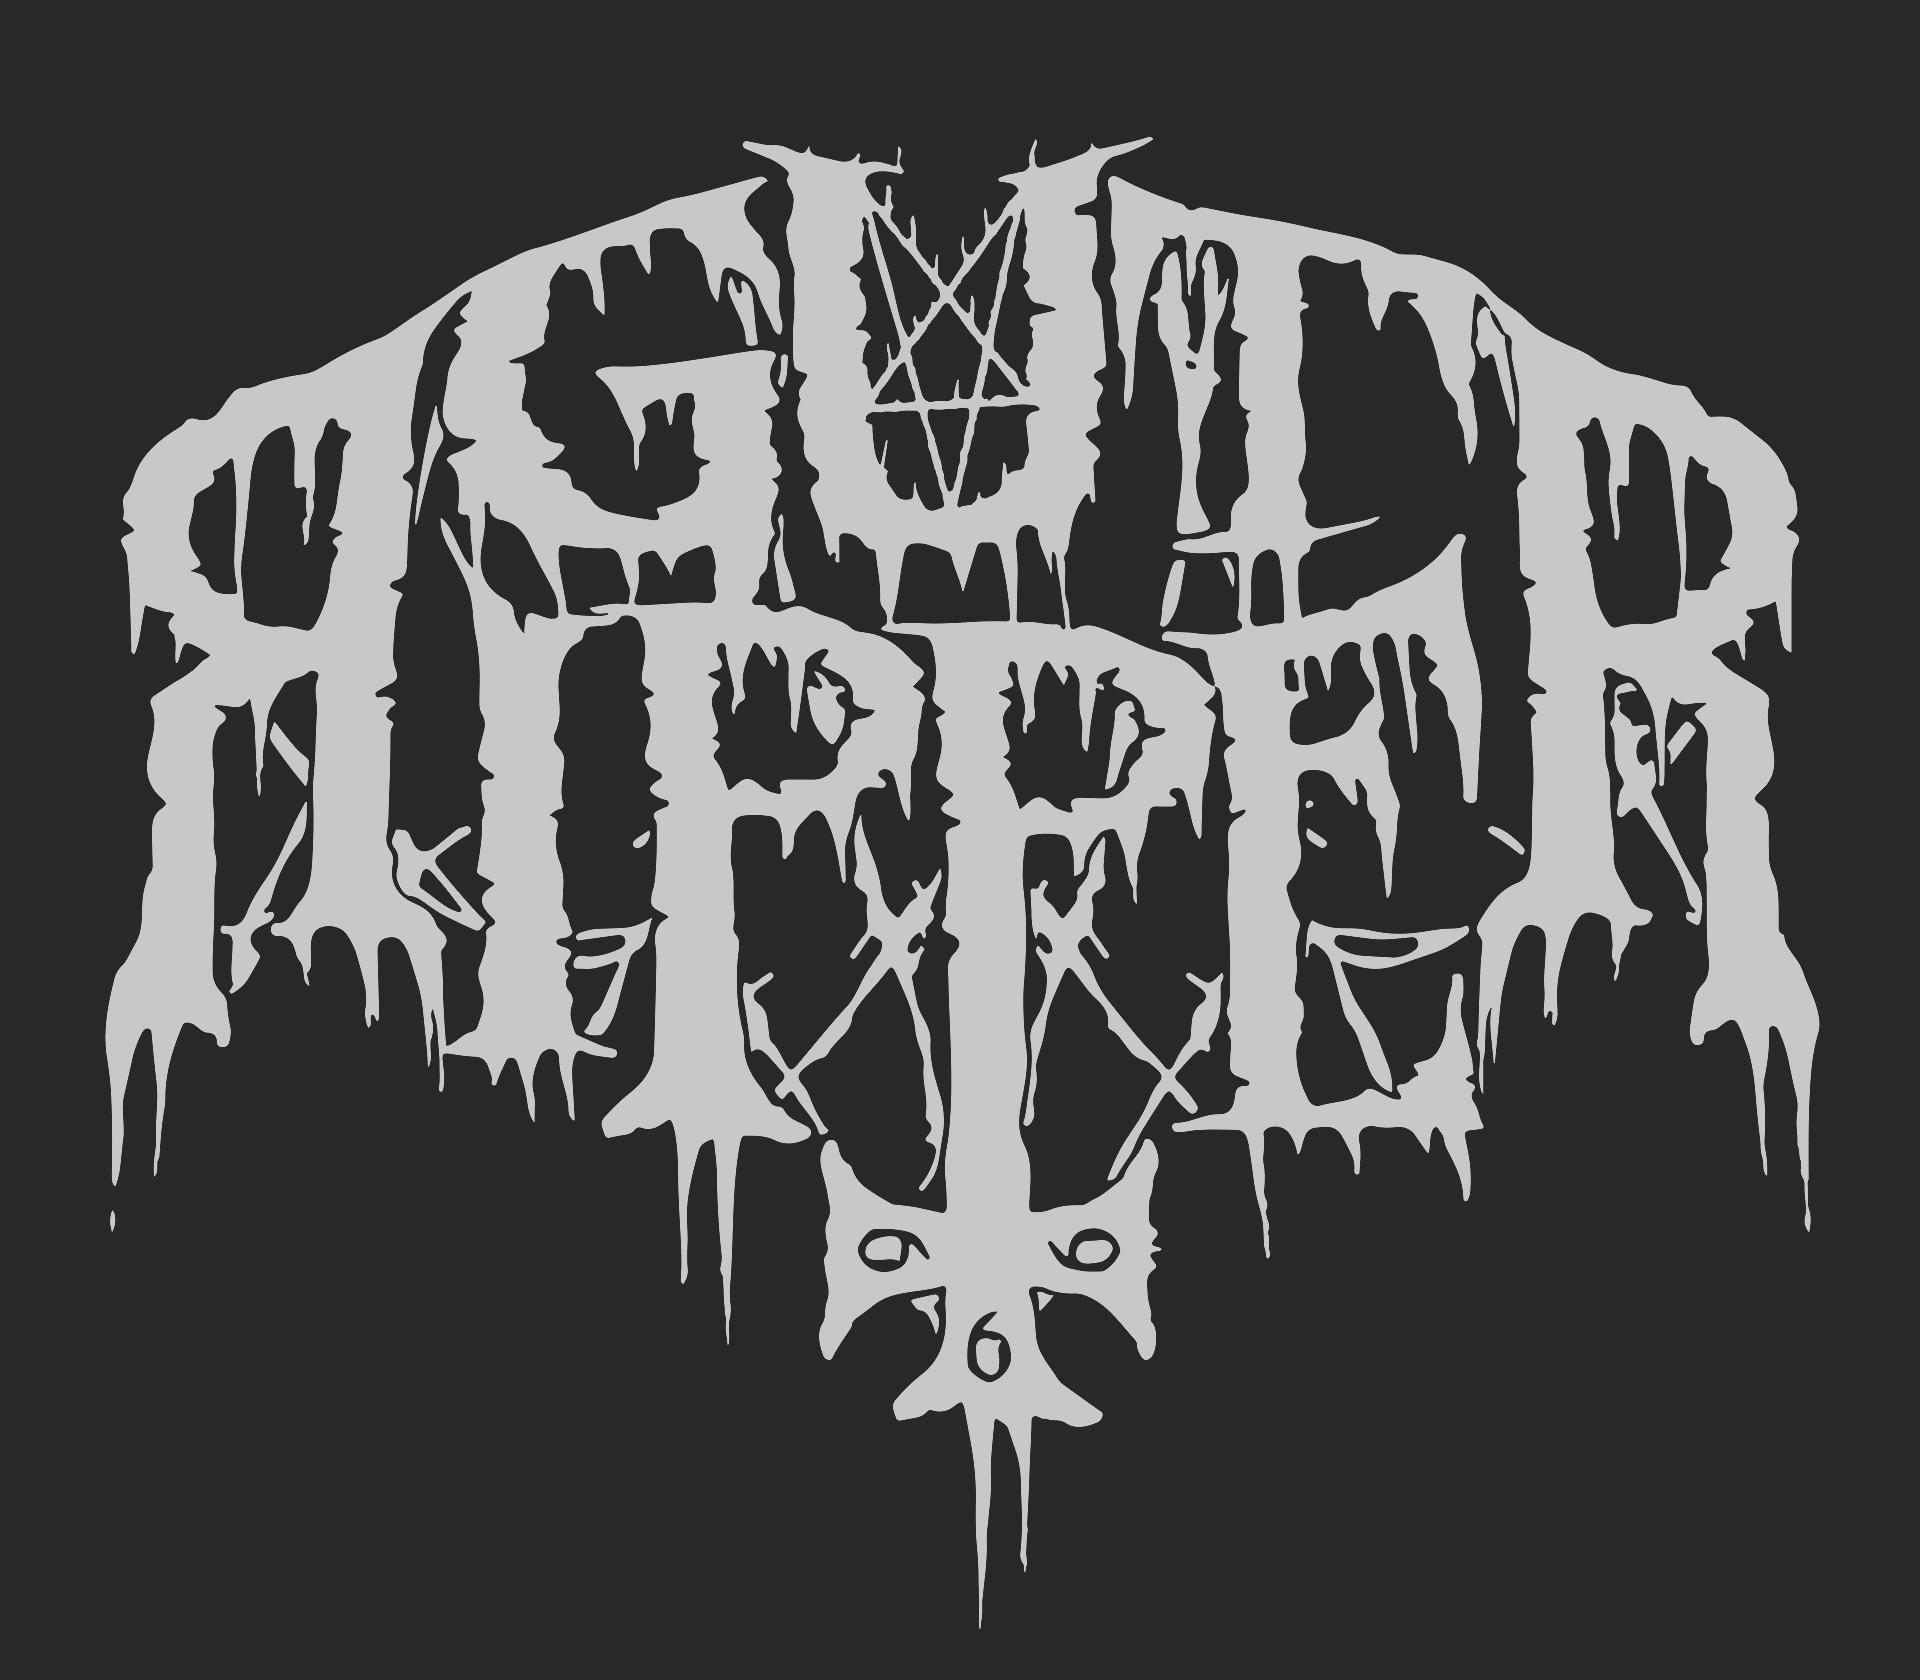 Gut Ripper band logo